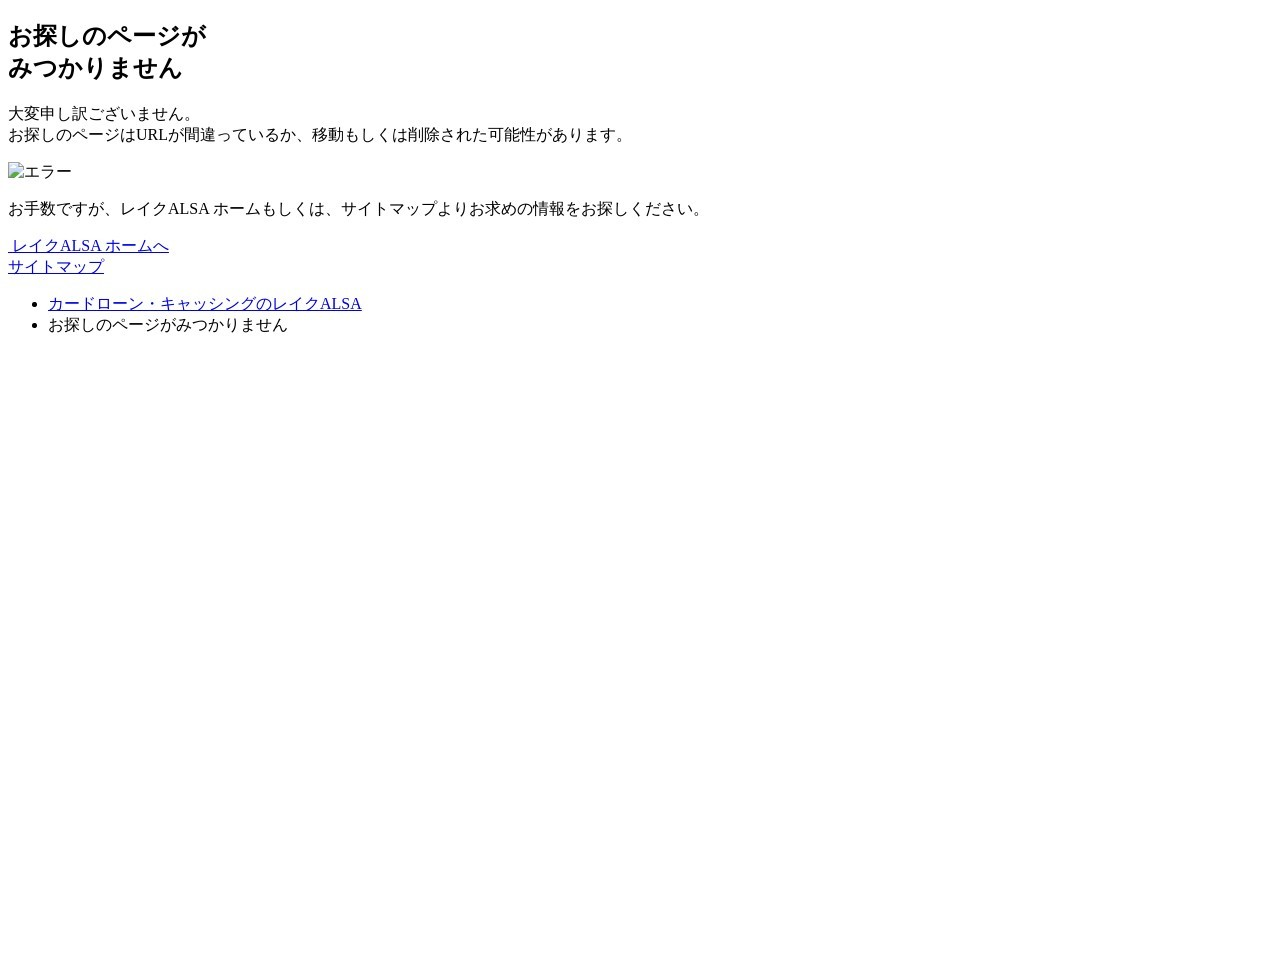 レイクALSA 環状4号十日市場自動契約コーナー神奈川県 レイクALSA